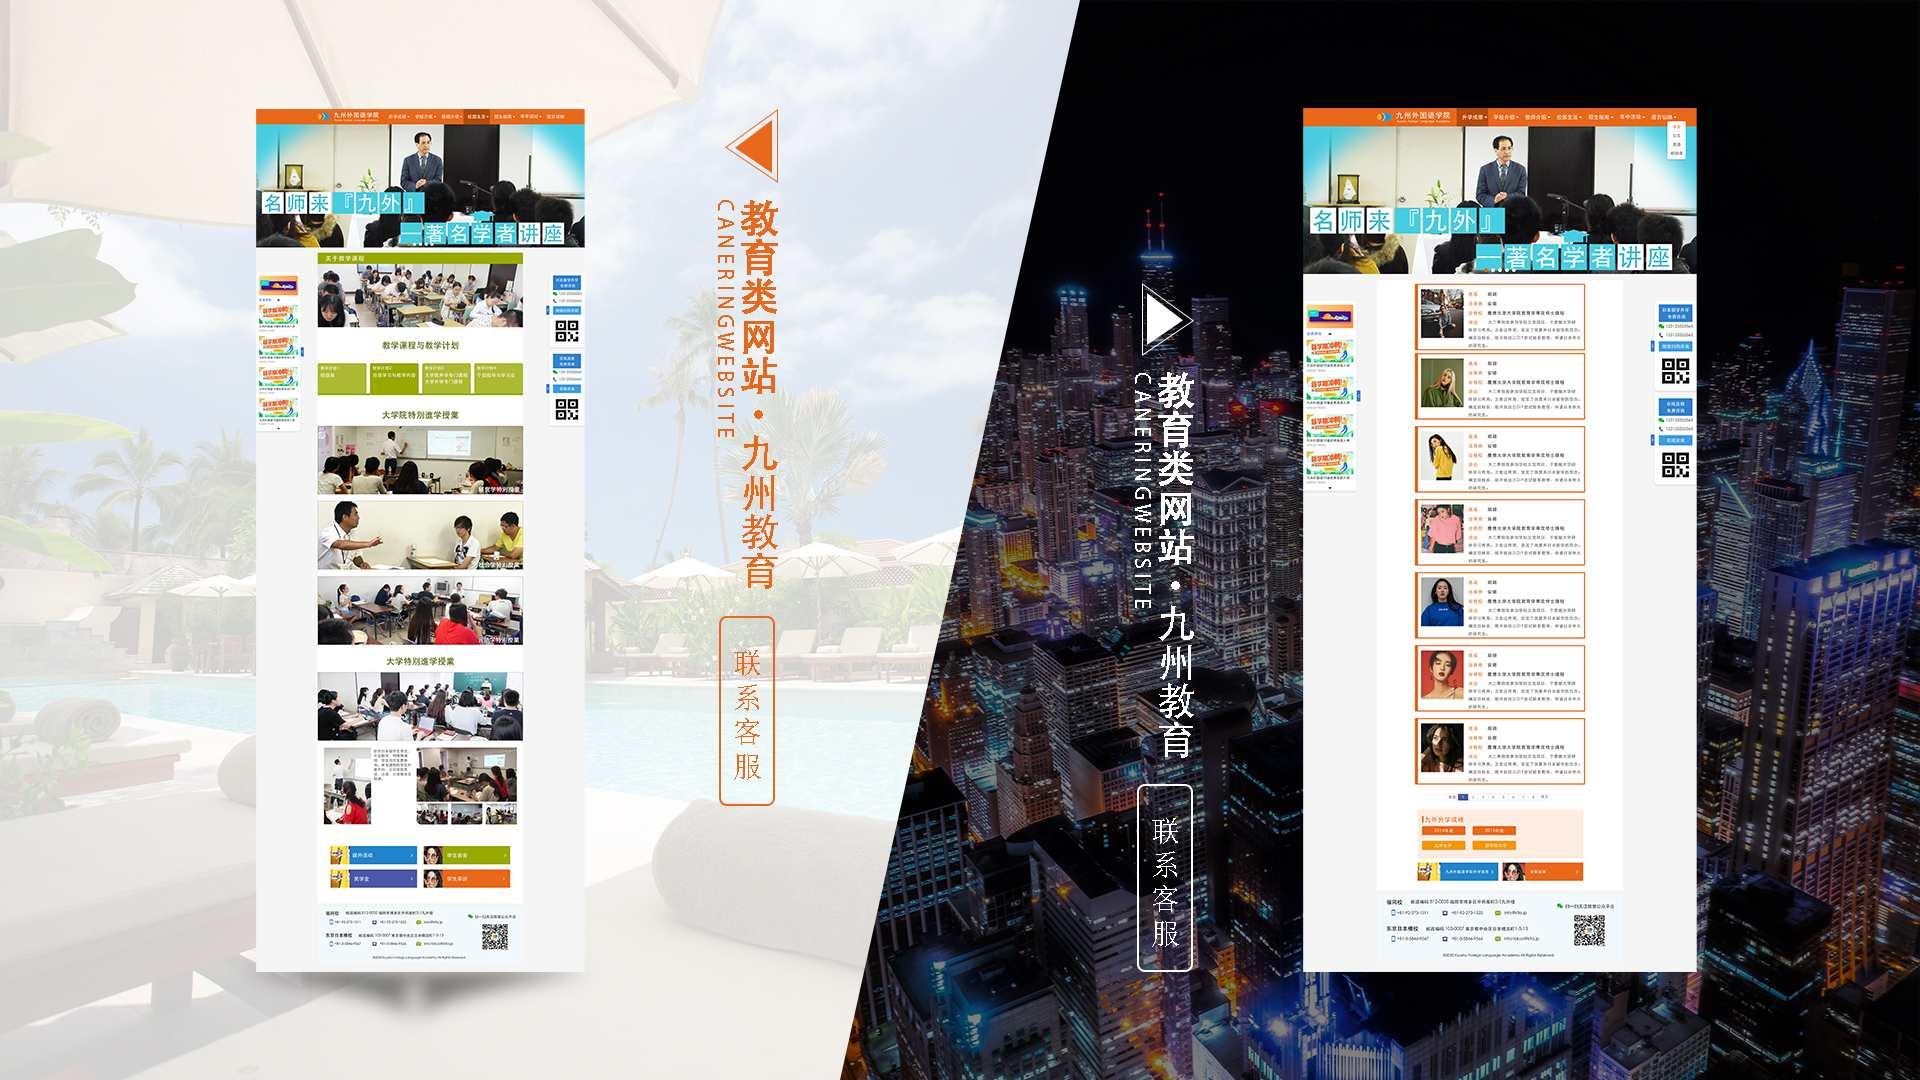 【H5响应式网站建设】企业网站制作开发定制网页设计制作